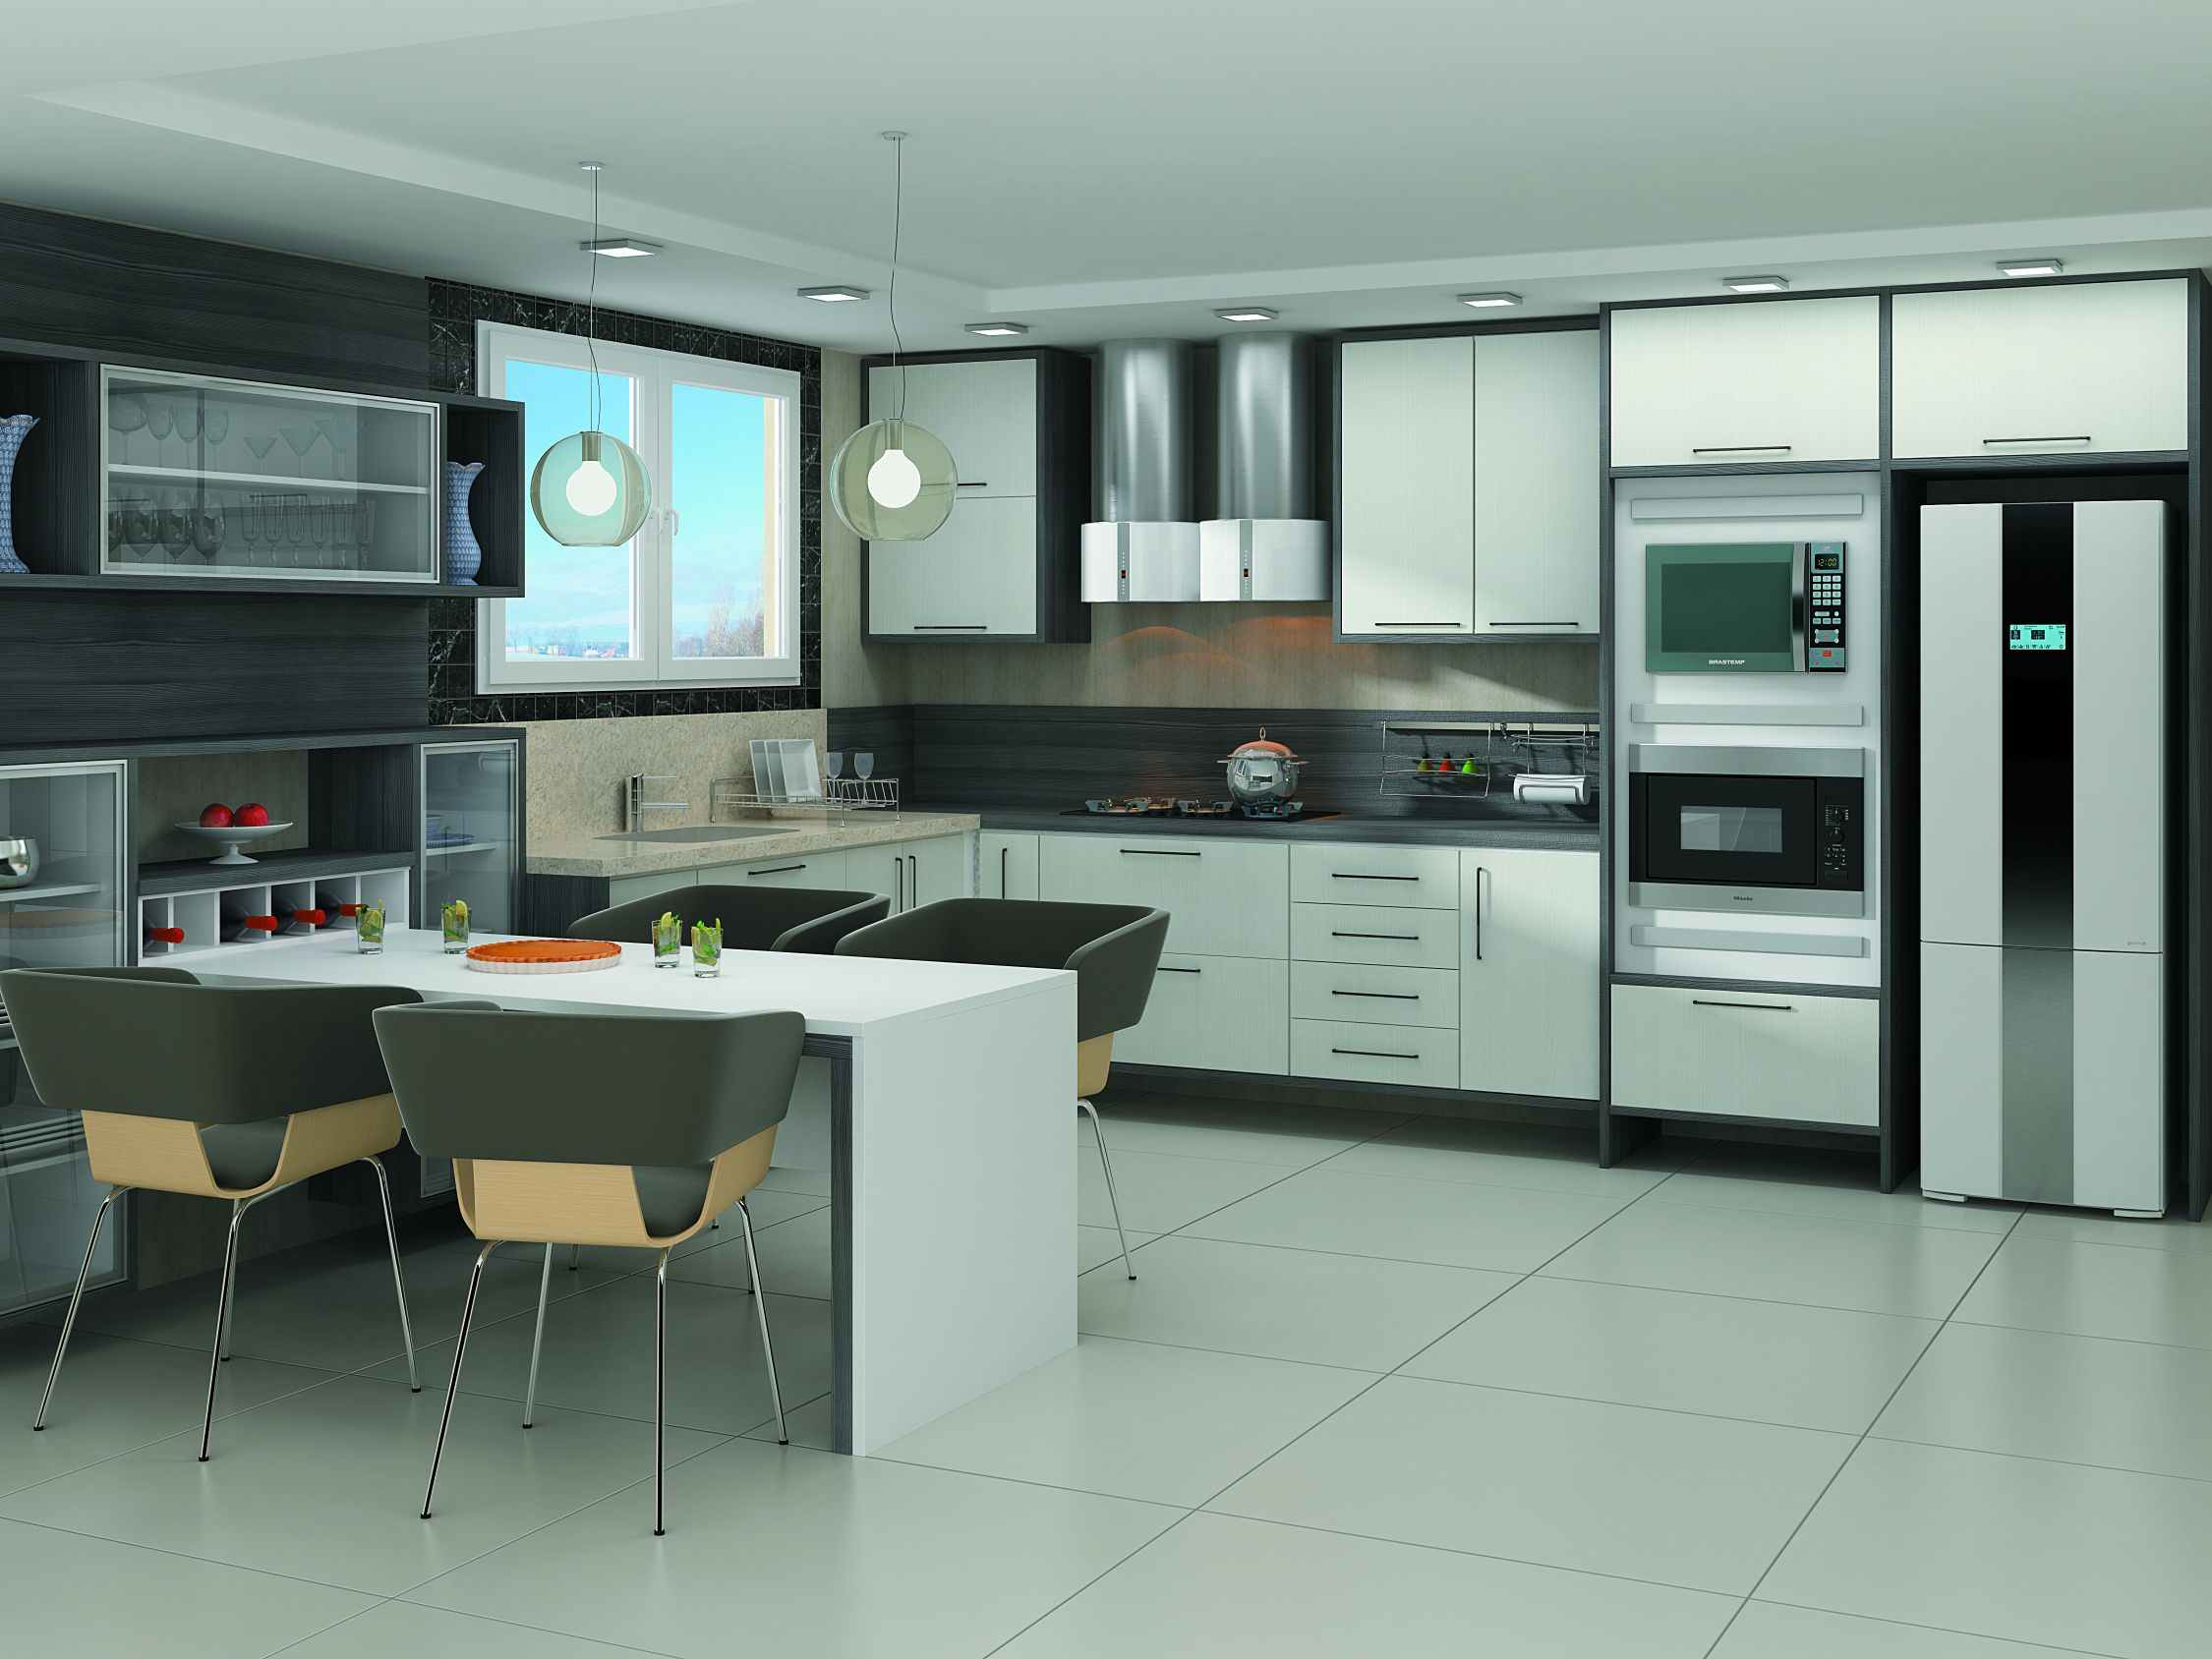 Ver Fotos De Armário De Cozinha : Cozinha planejada fotos pre?os e projetos